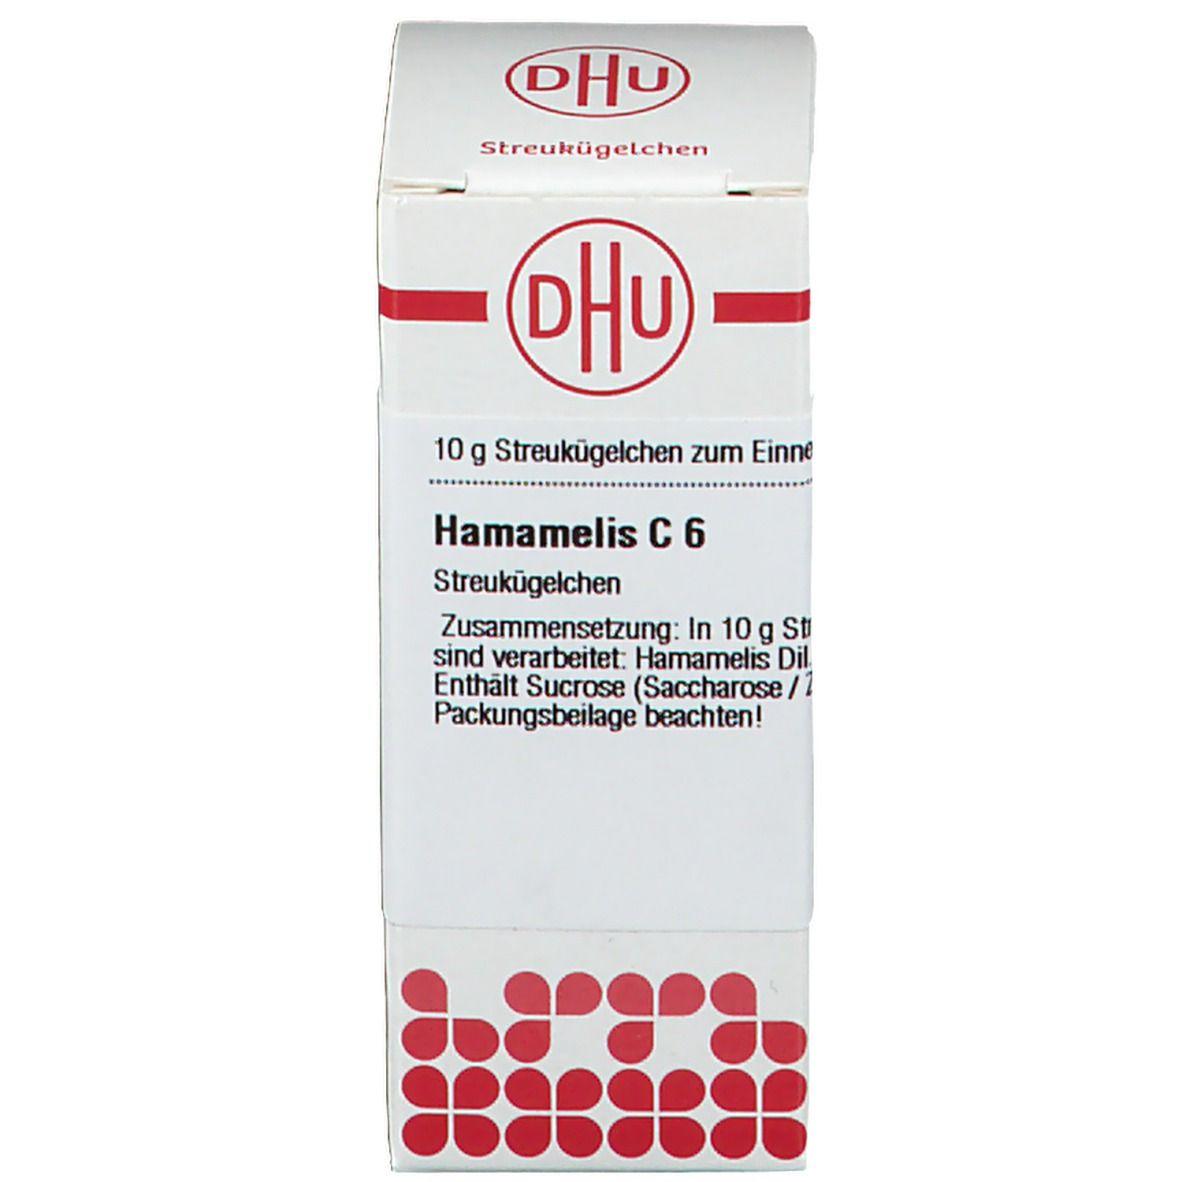 DHU Hamamelis C6